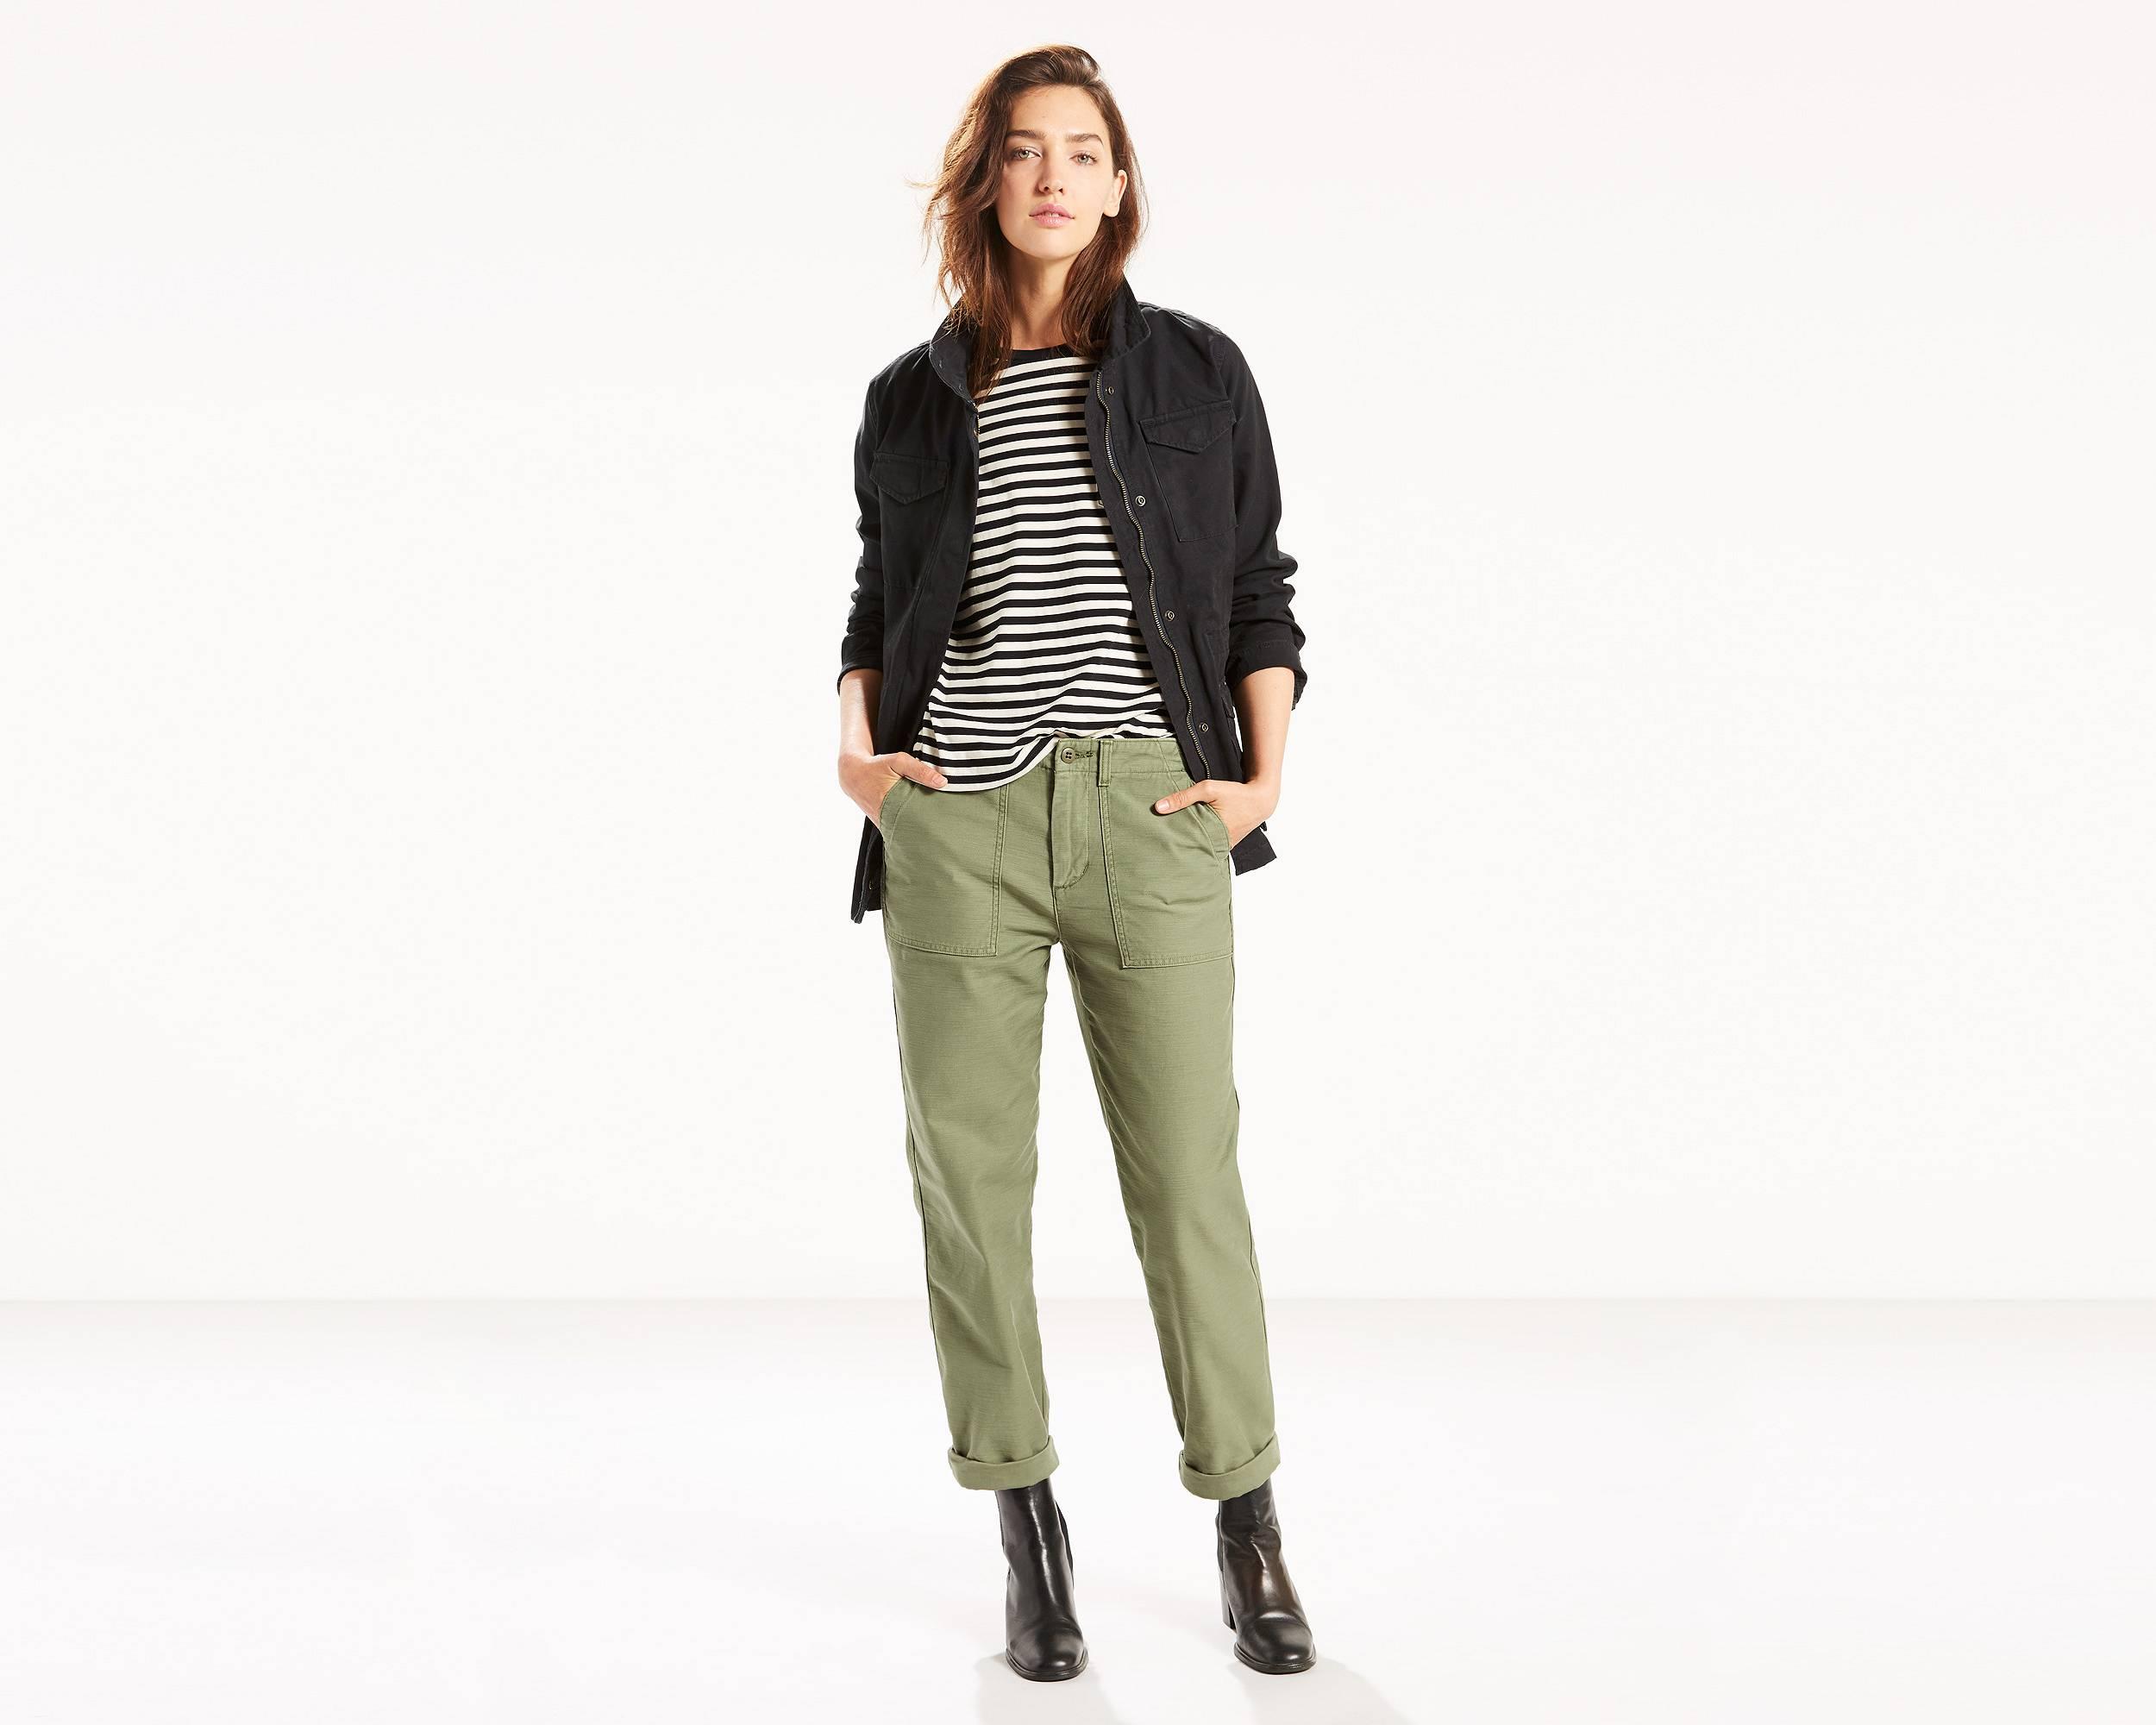 Women&39s Jeans Sale - Shop Levi&39s Discount Jeans | Levi&39s®